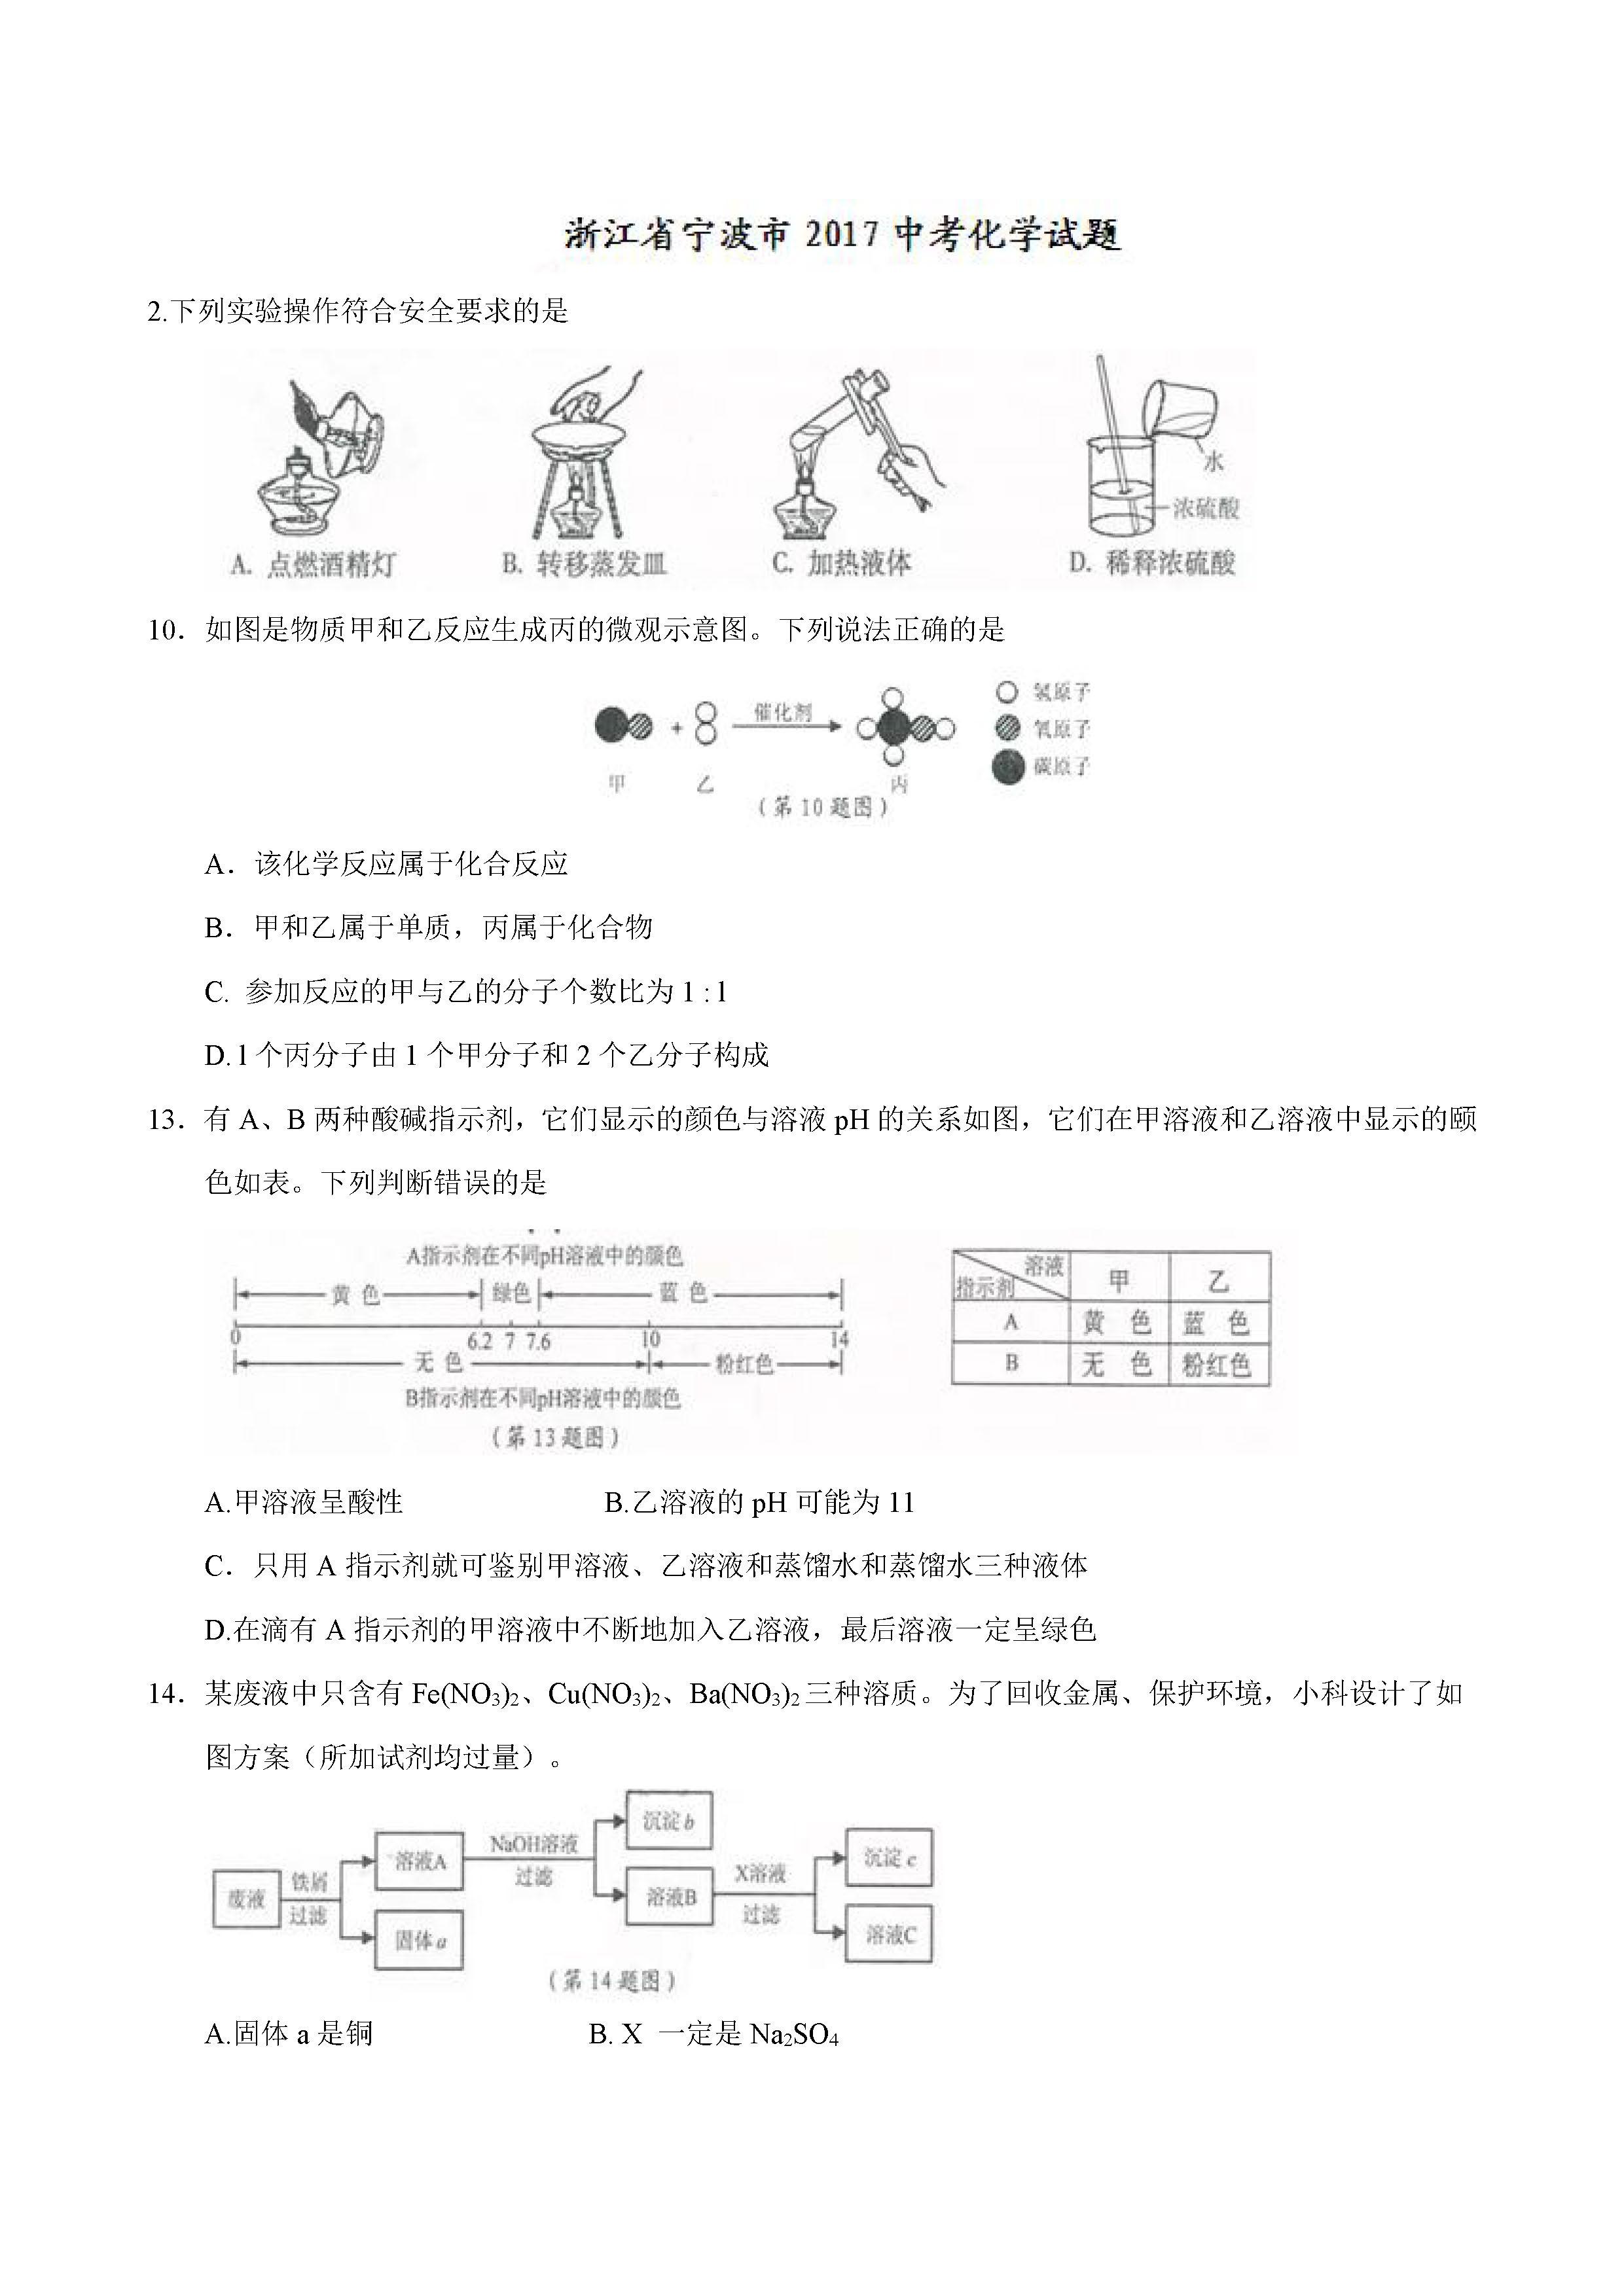 2017宁波中考化学试题及答案解析(word版含答案)